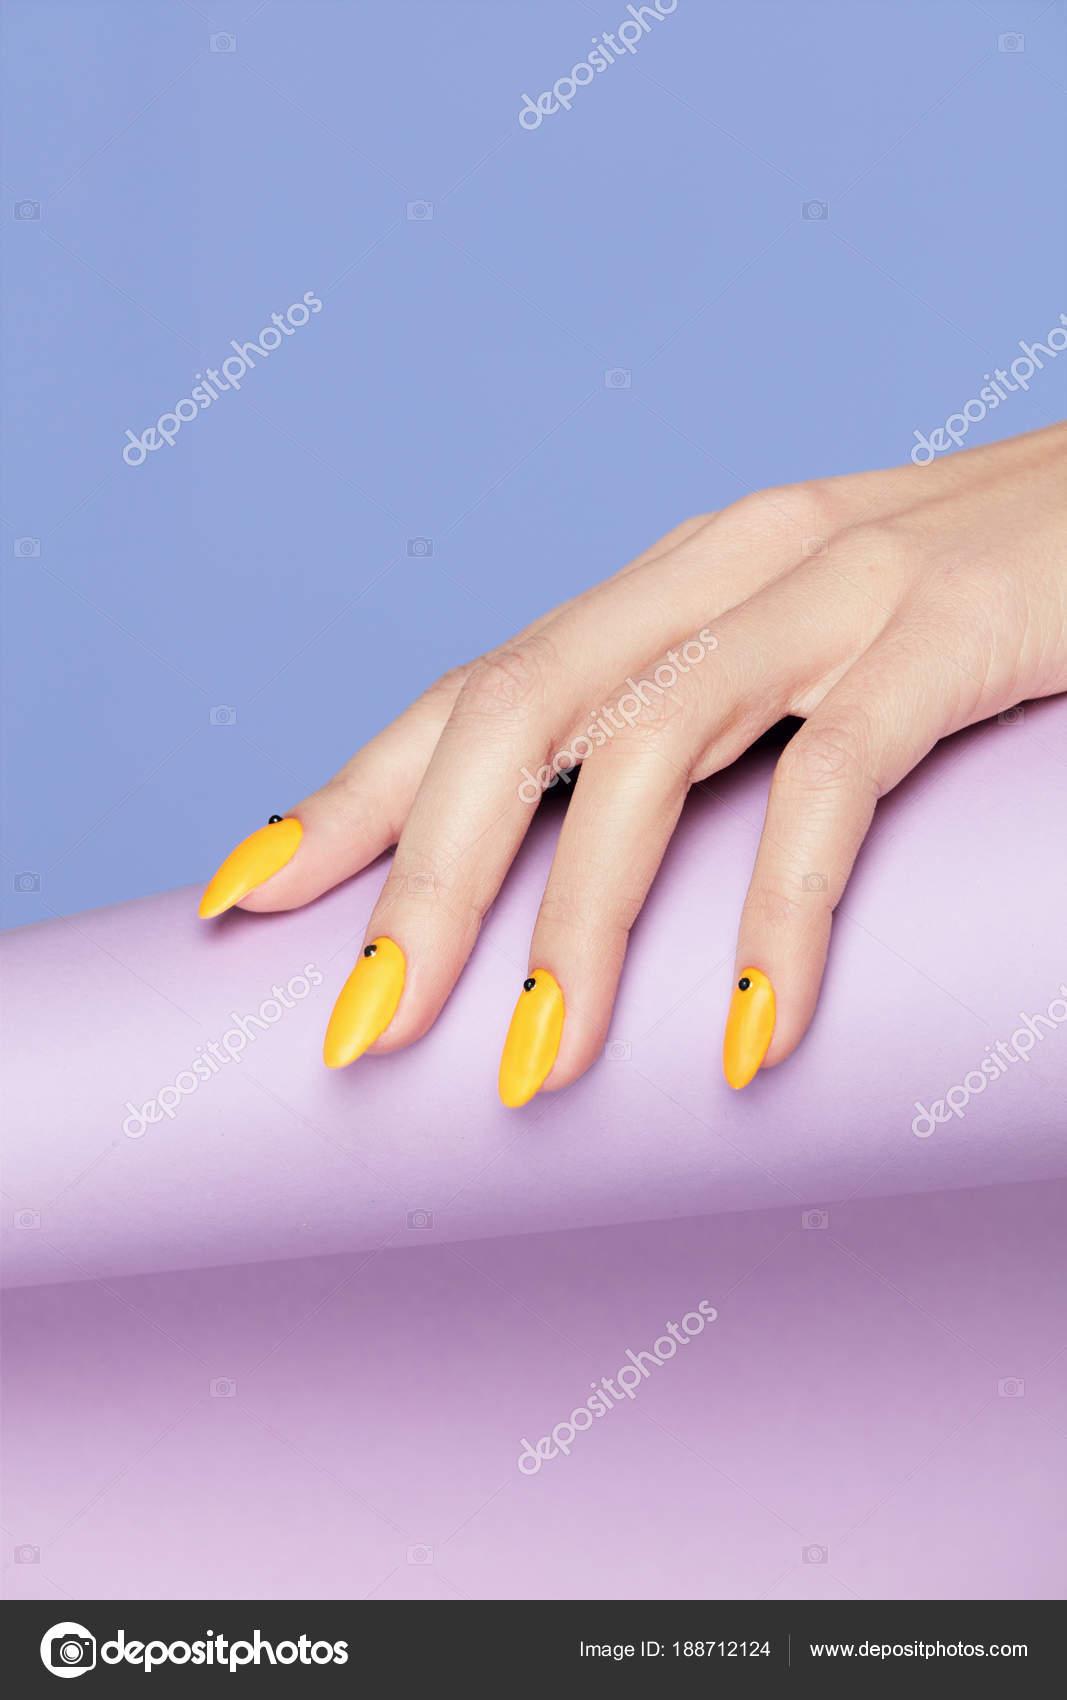 Nails Design Handen Met Heldere Gele Manicure Stockfoto Puhhha